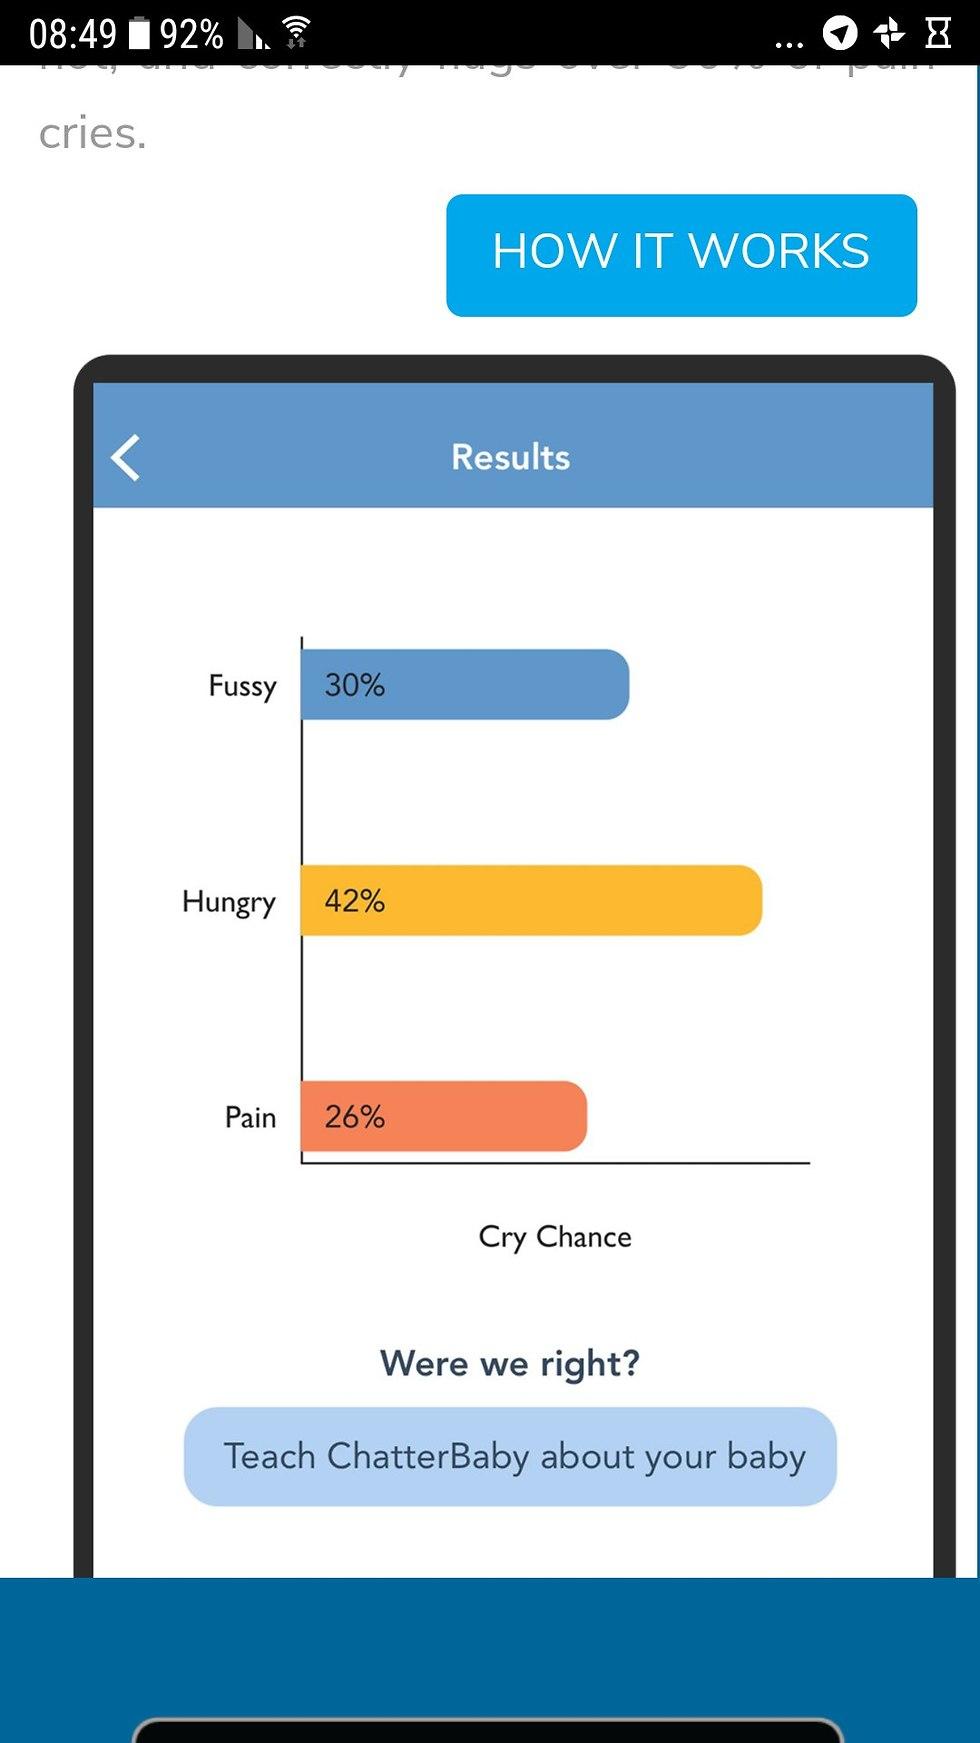 צילום מסך של אפליקציה המסייעת לחרשים לשמוע בכי תינוק ()